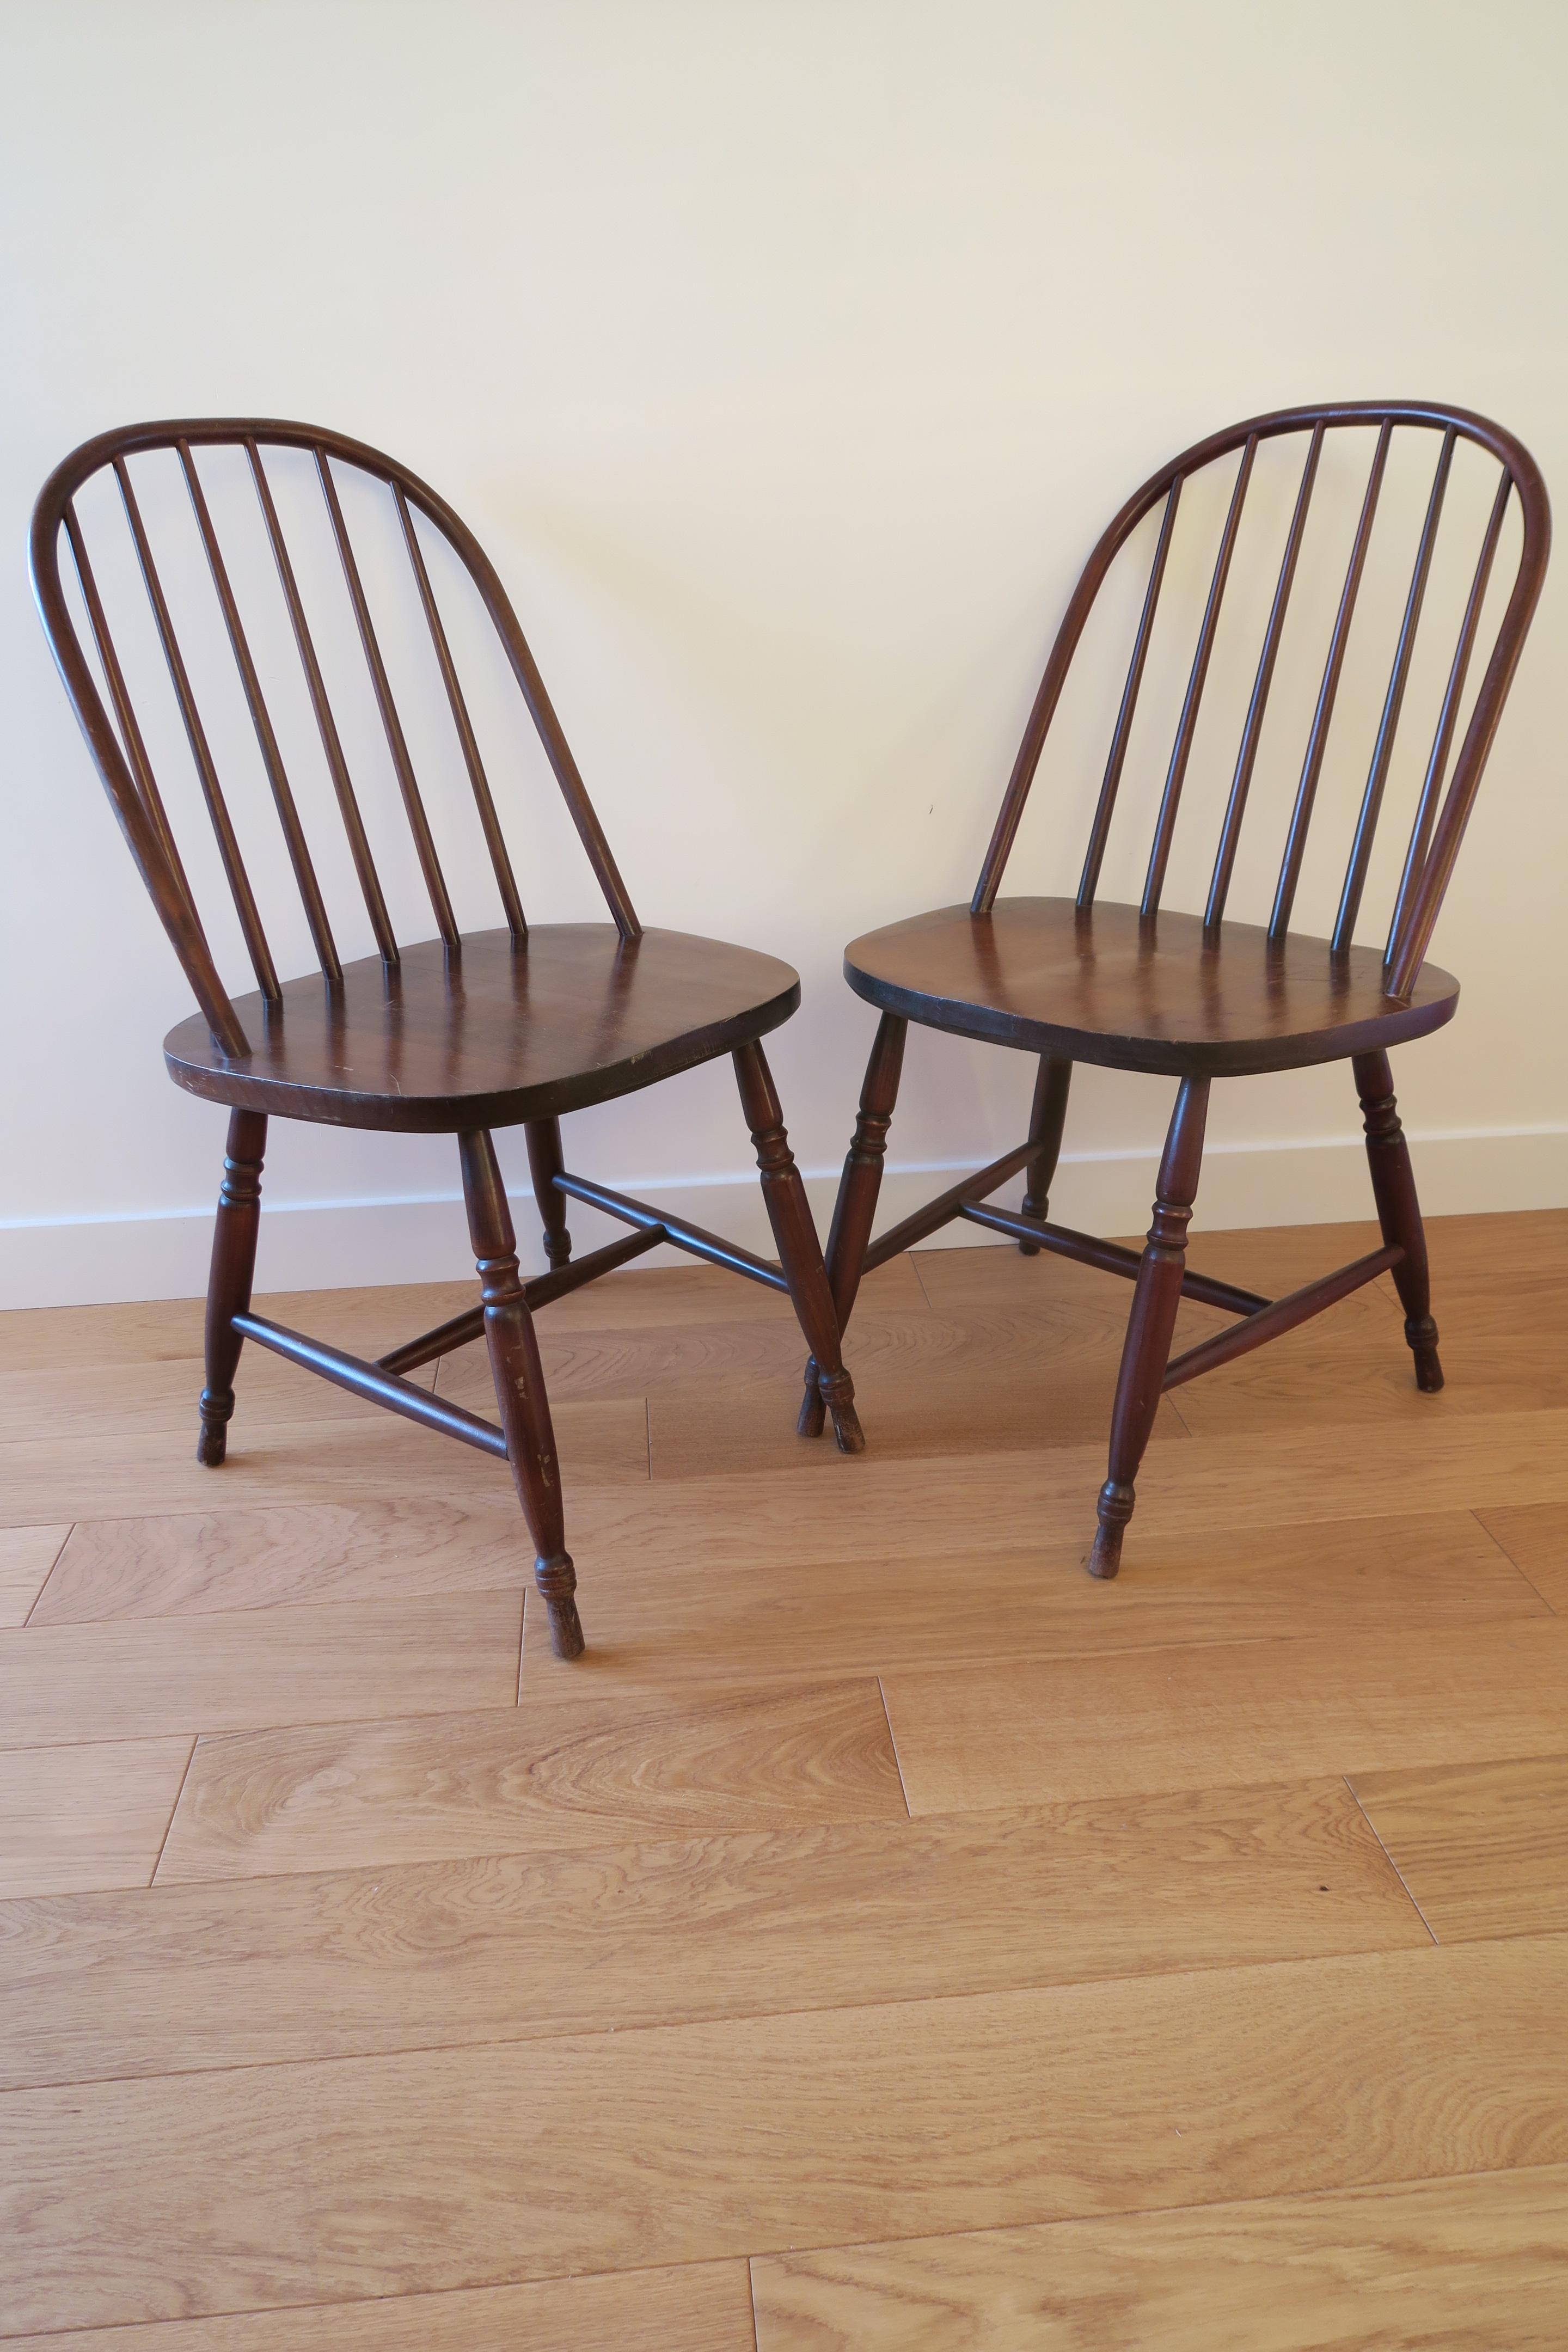 D j adopt chaise vintage barreaux style ercol les for Barreaux de chaise